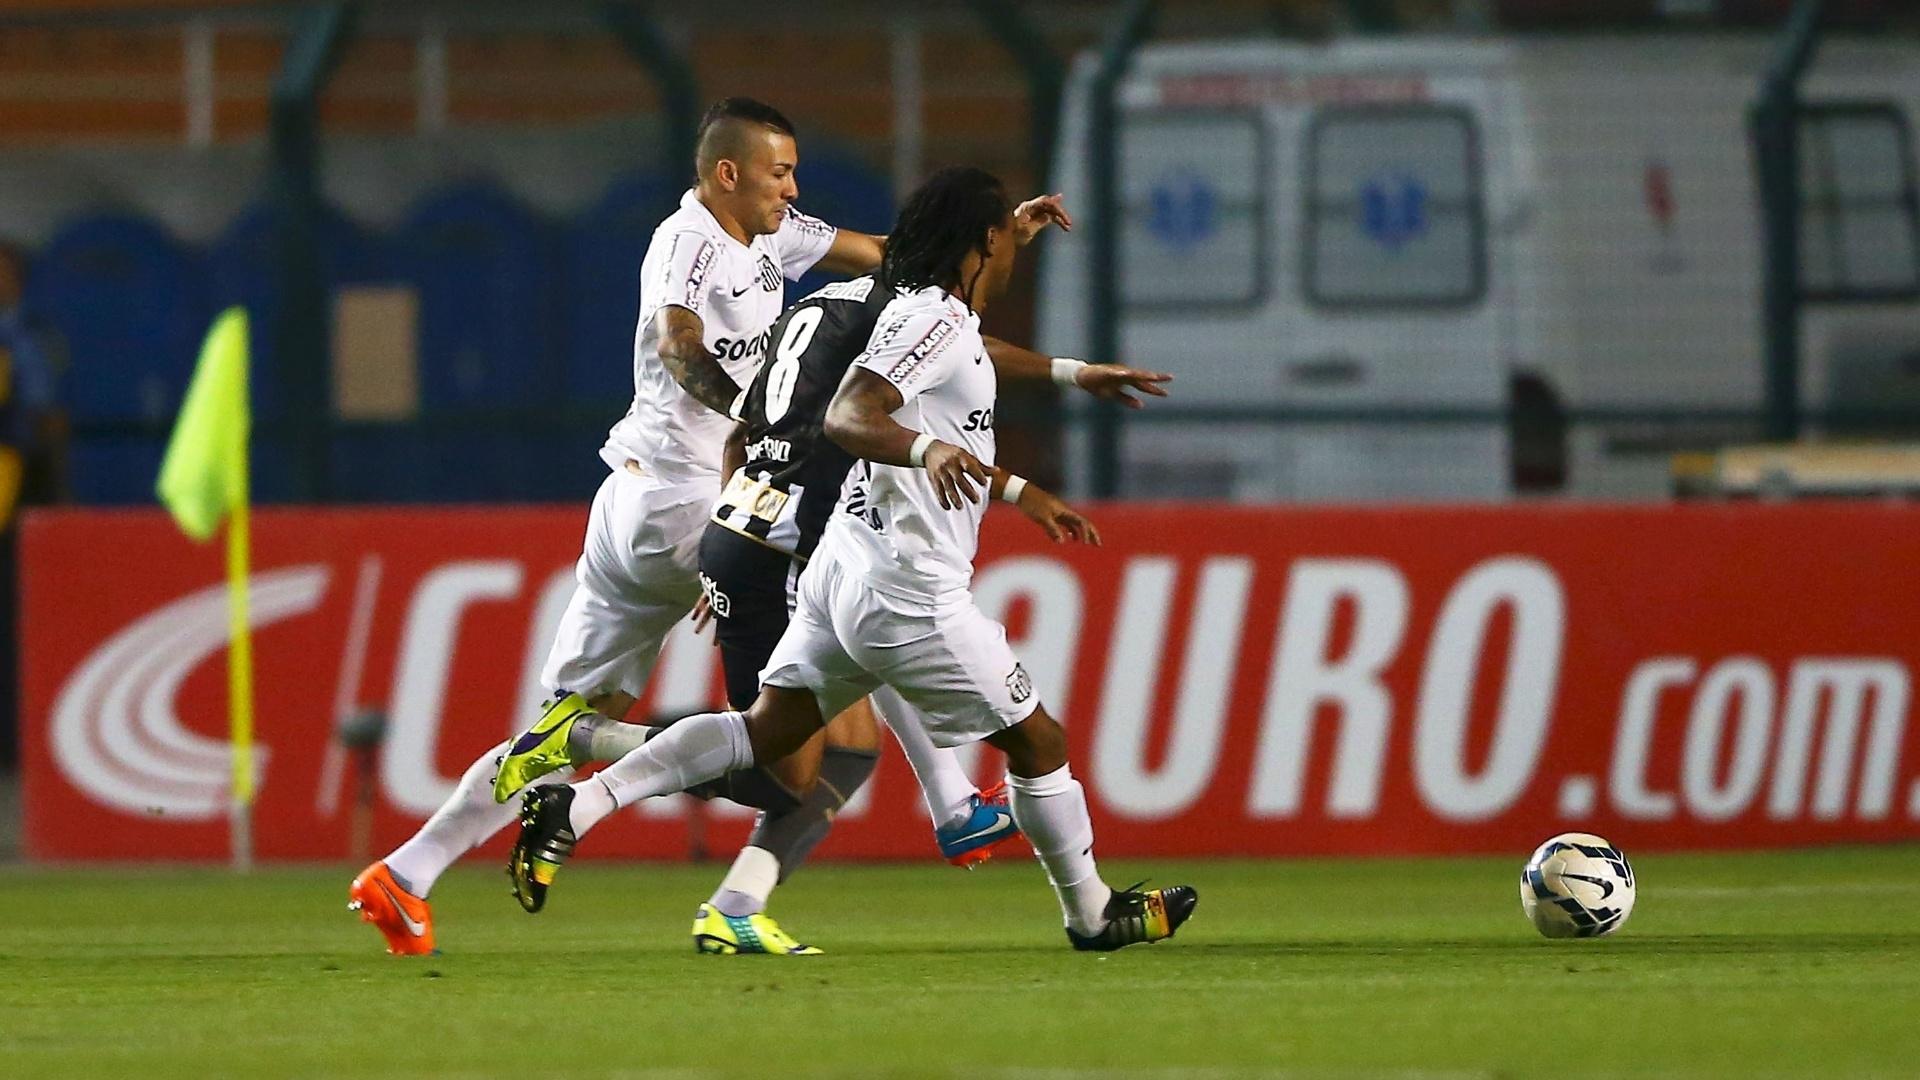 Rogério, do Botafogo, é cercado por jogadores do Santos ao tentar jogada durante duelo da Copa do Brasil